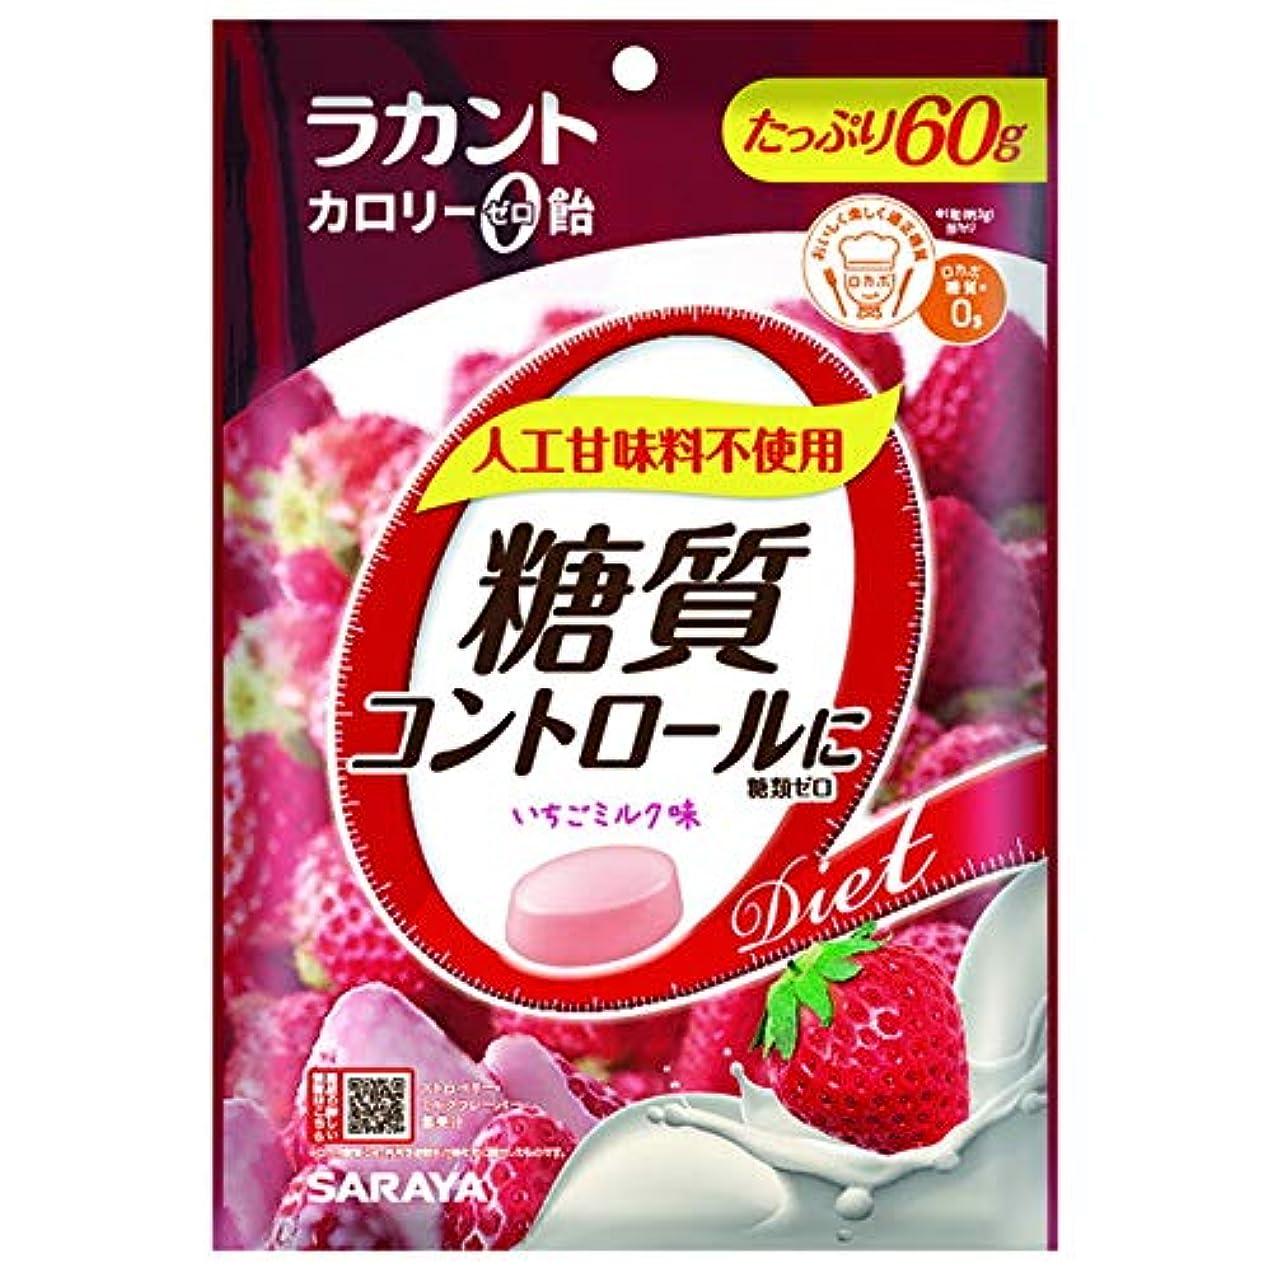 不明瞭恋人精巧なラカント カロリーゼロ飴 いちごミルク 60g【3個セット】